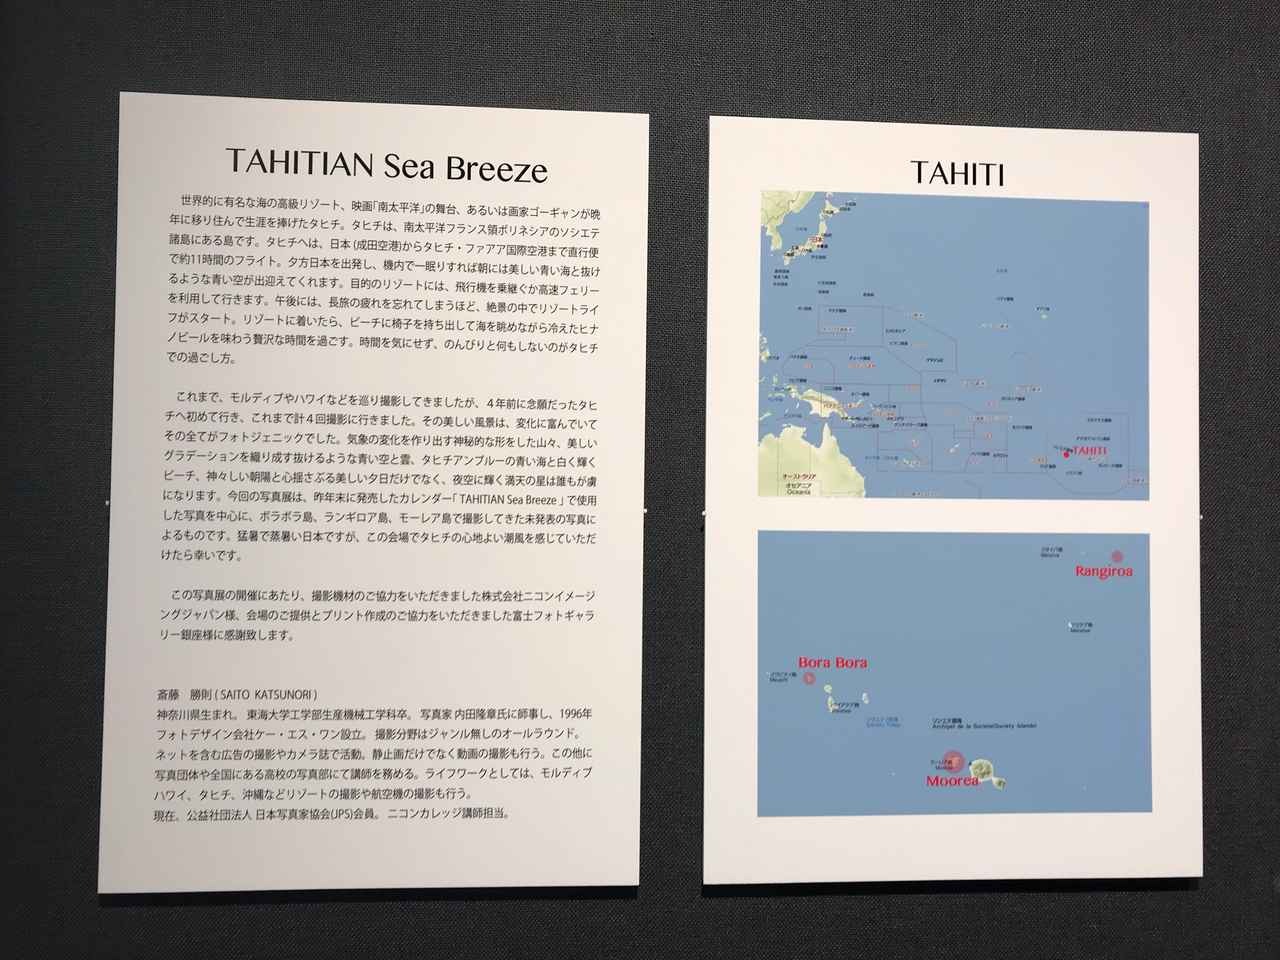 画像2: 斎藤勝則写真展「TAHITIAN Sea Breeze」が富士フォトギャラリー銀座で好評開催中! 8月22日(金)14時まで!